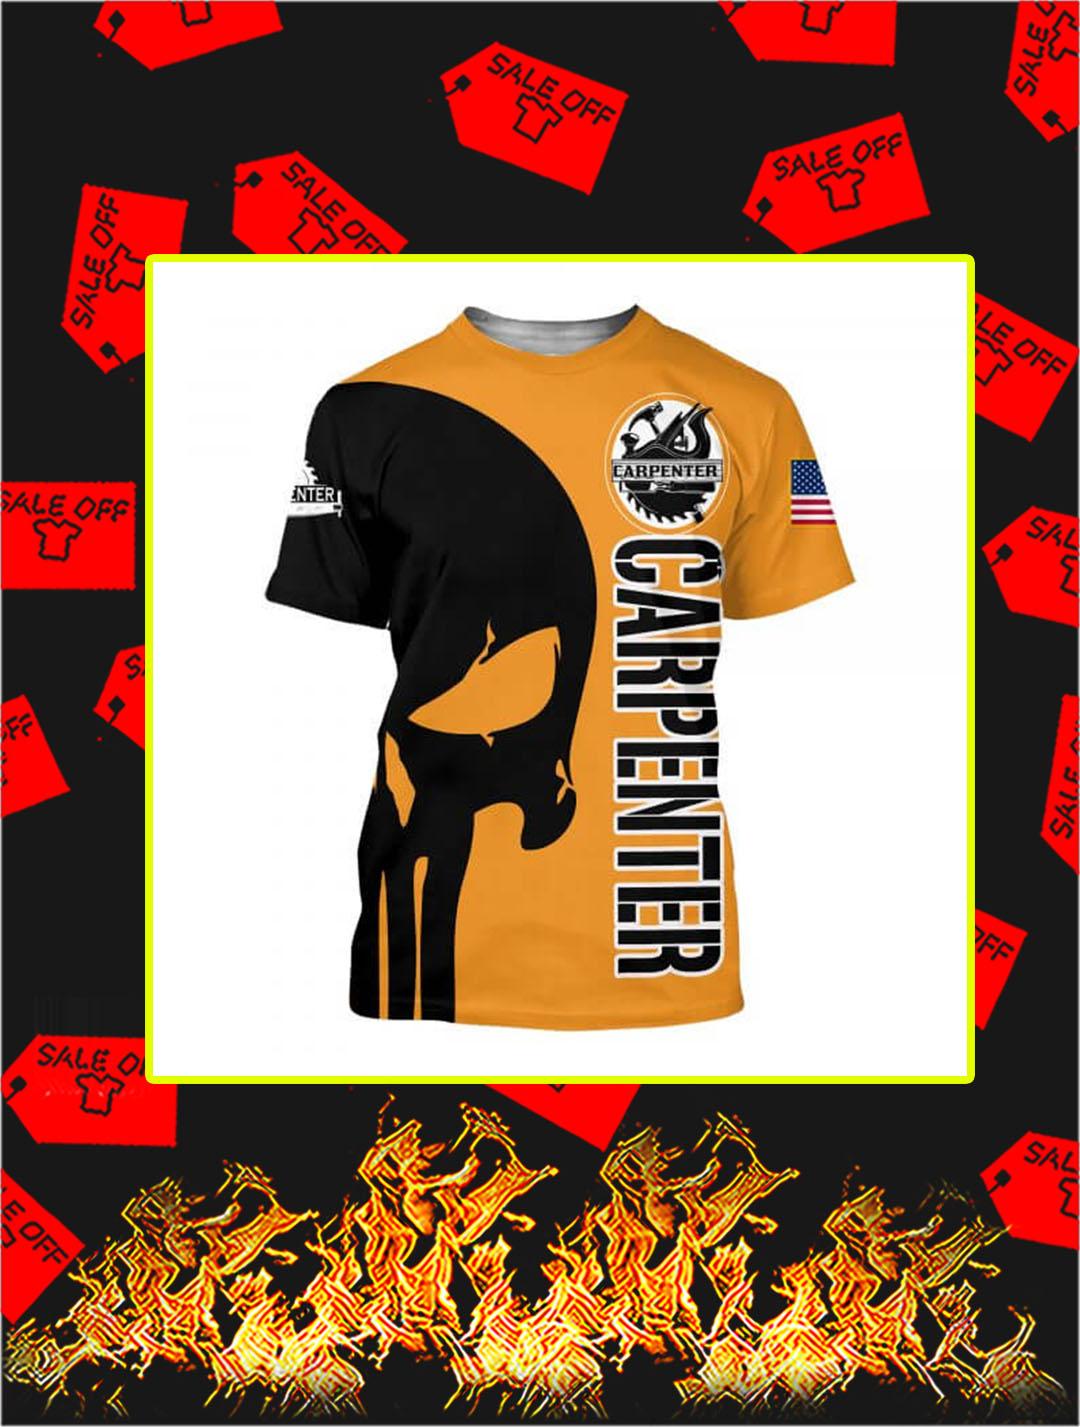 3D Printed Carpenter Punisher Skull T-shirt